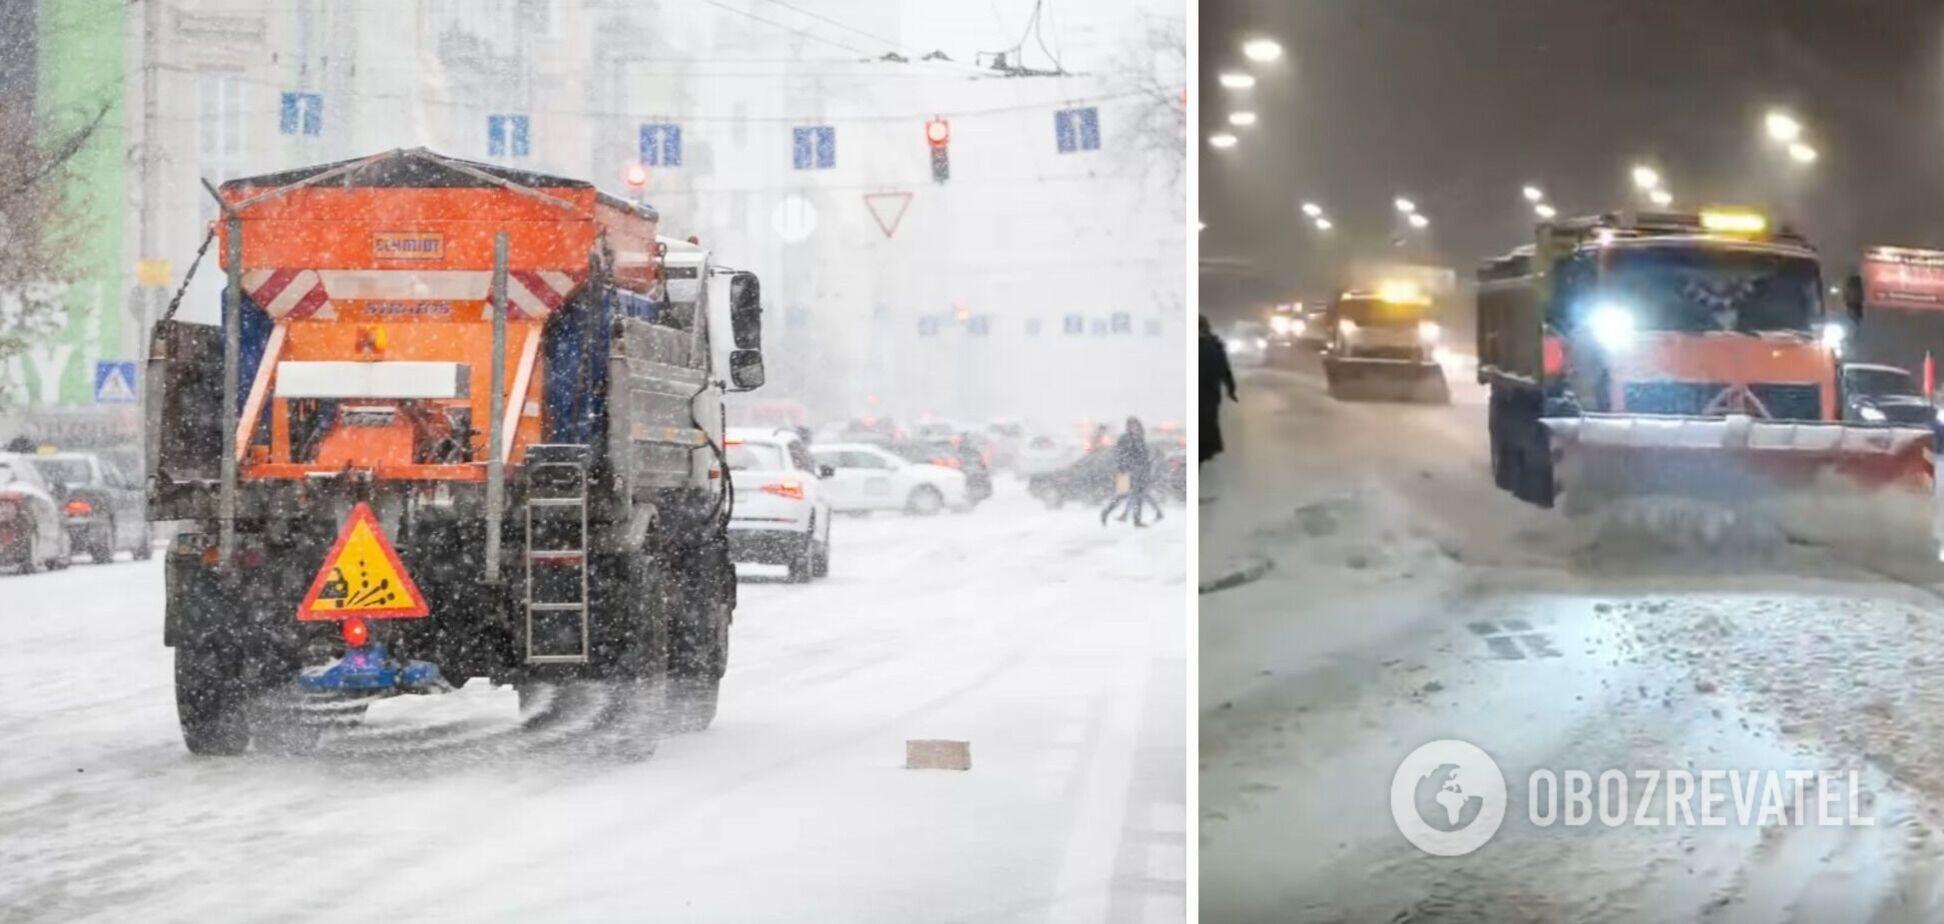 На вулиці Києва через снігопад вивели колони спецтехніки: Кличко показав відео